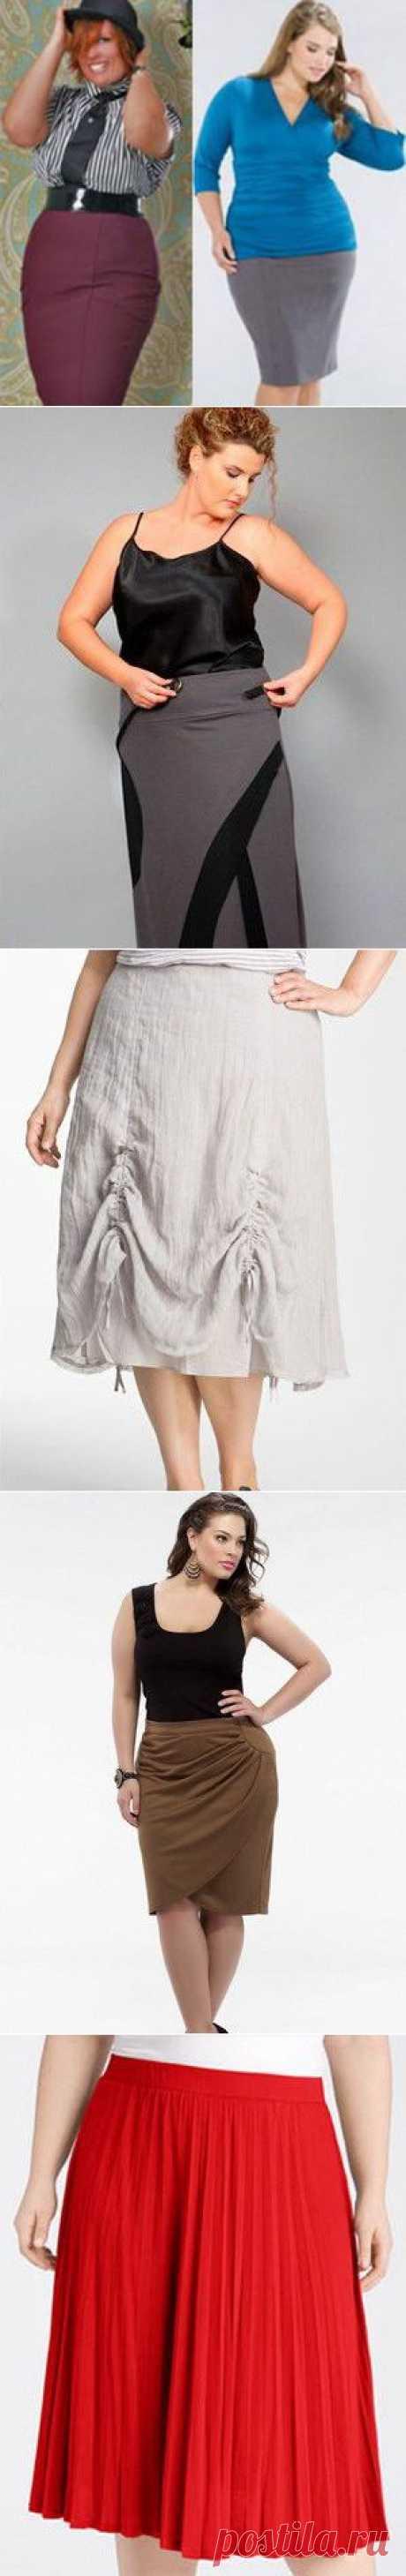 Модные юбки для полных женщин / Все для женщины